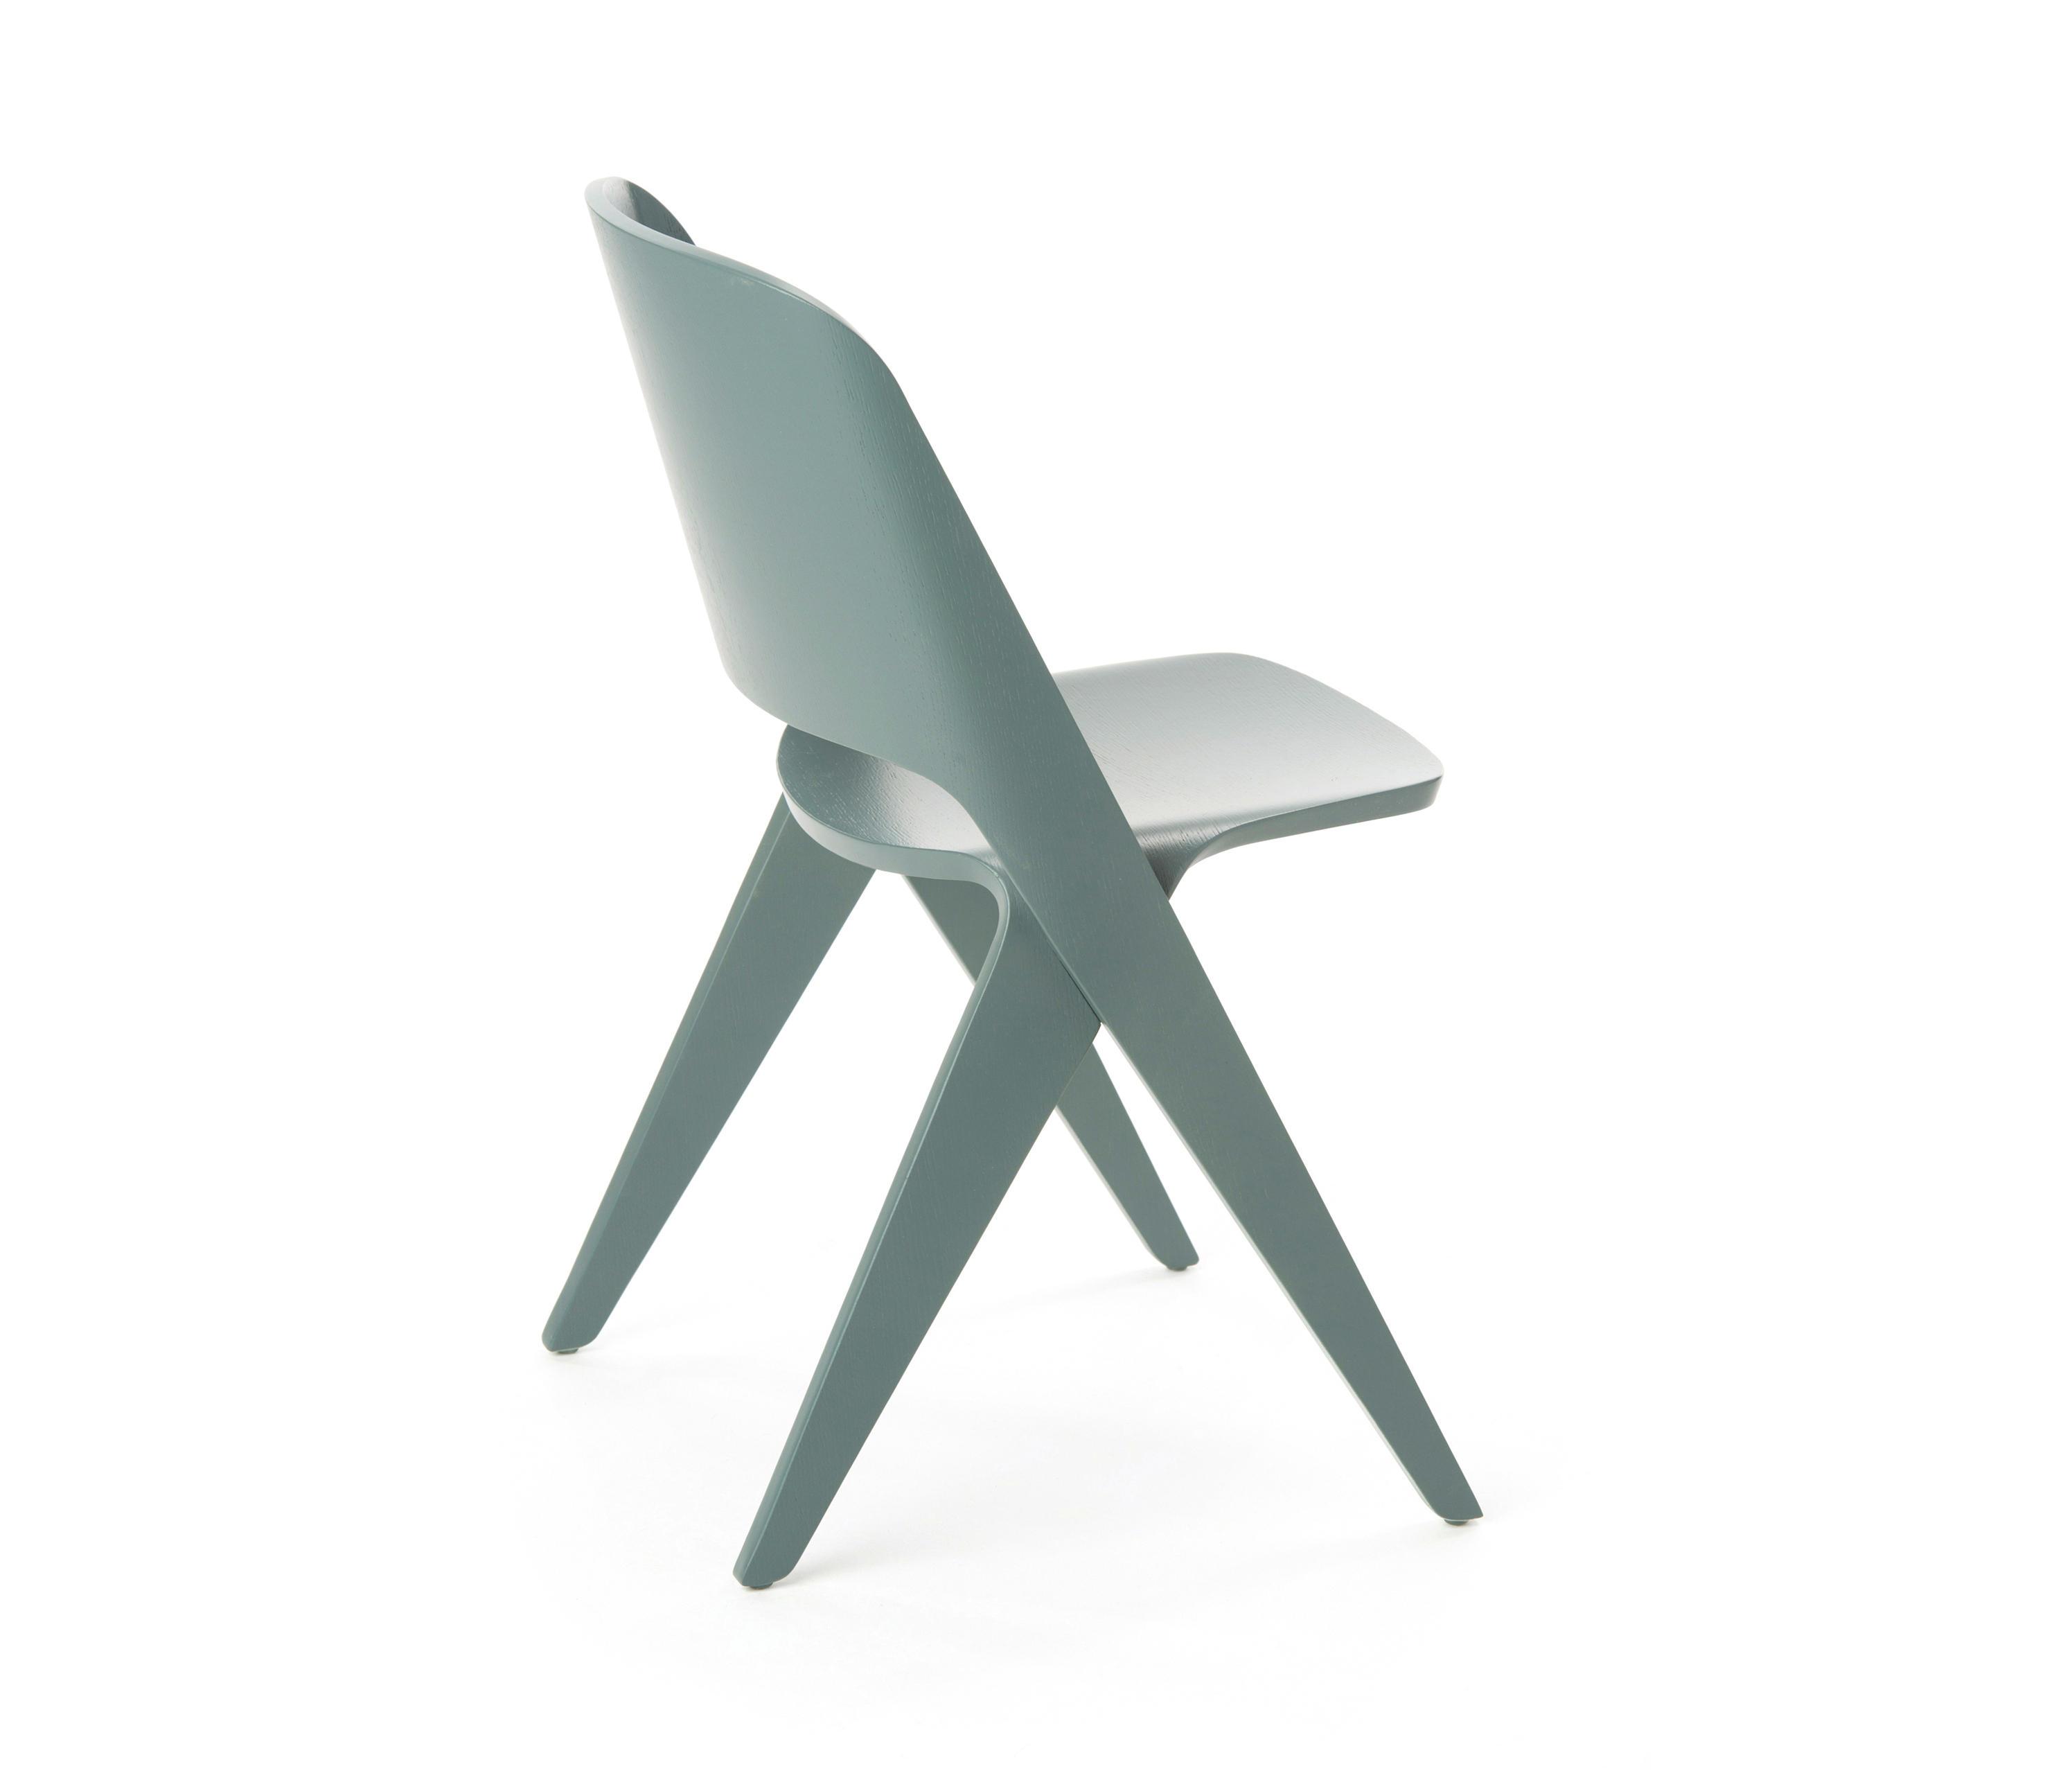 lavitta chair von poiat stuhle